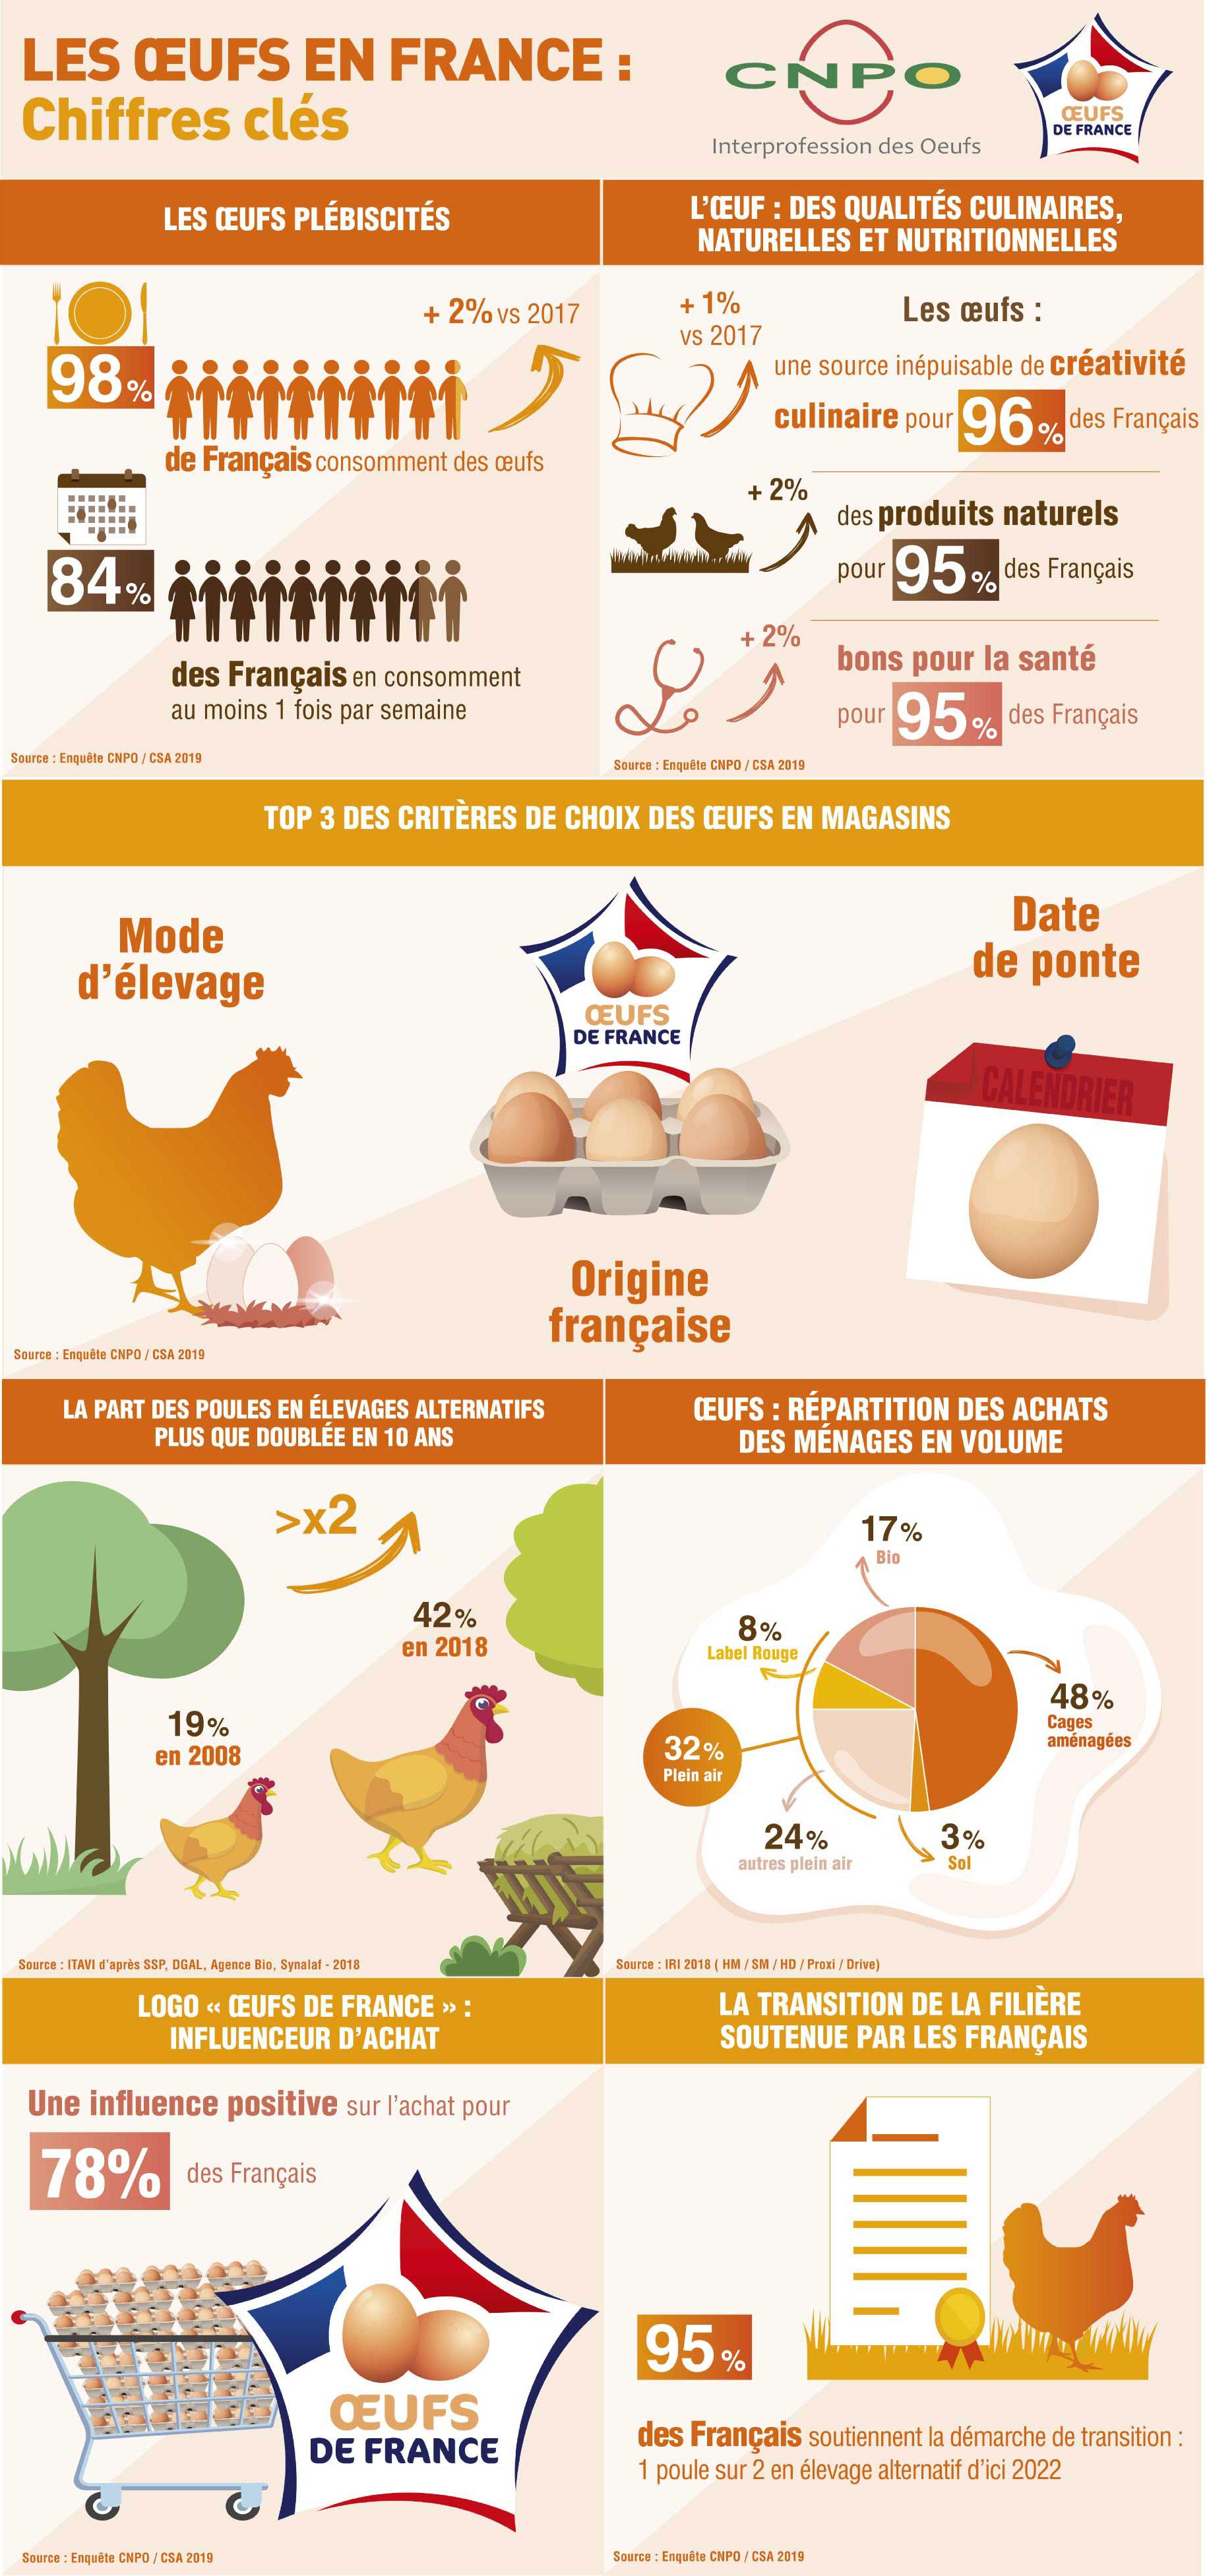 Infographie / CNPO / ADOCOM-RP